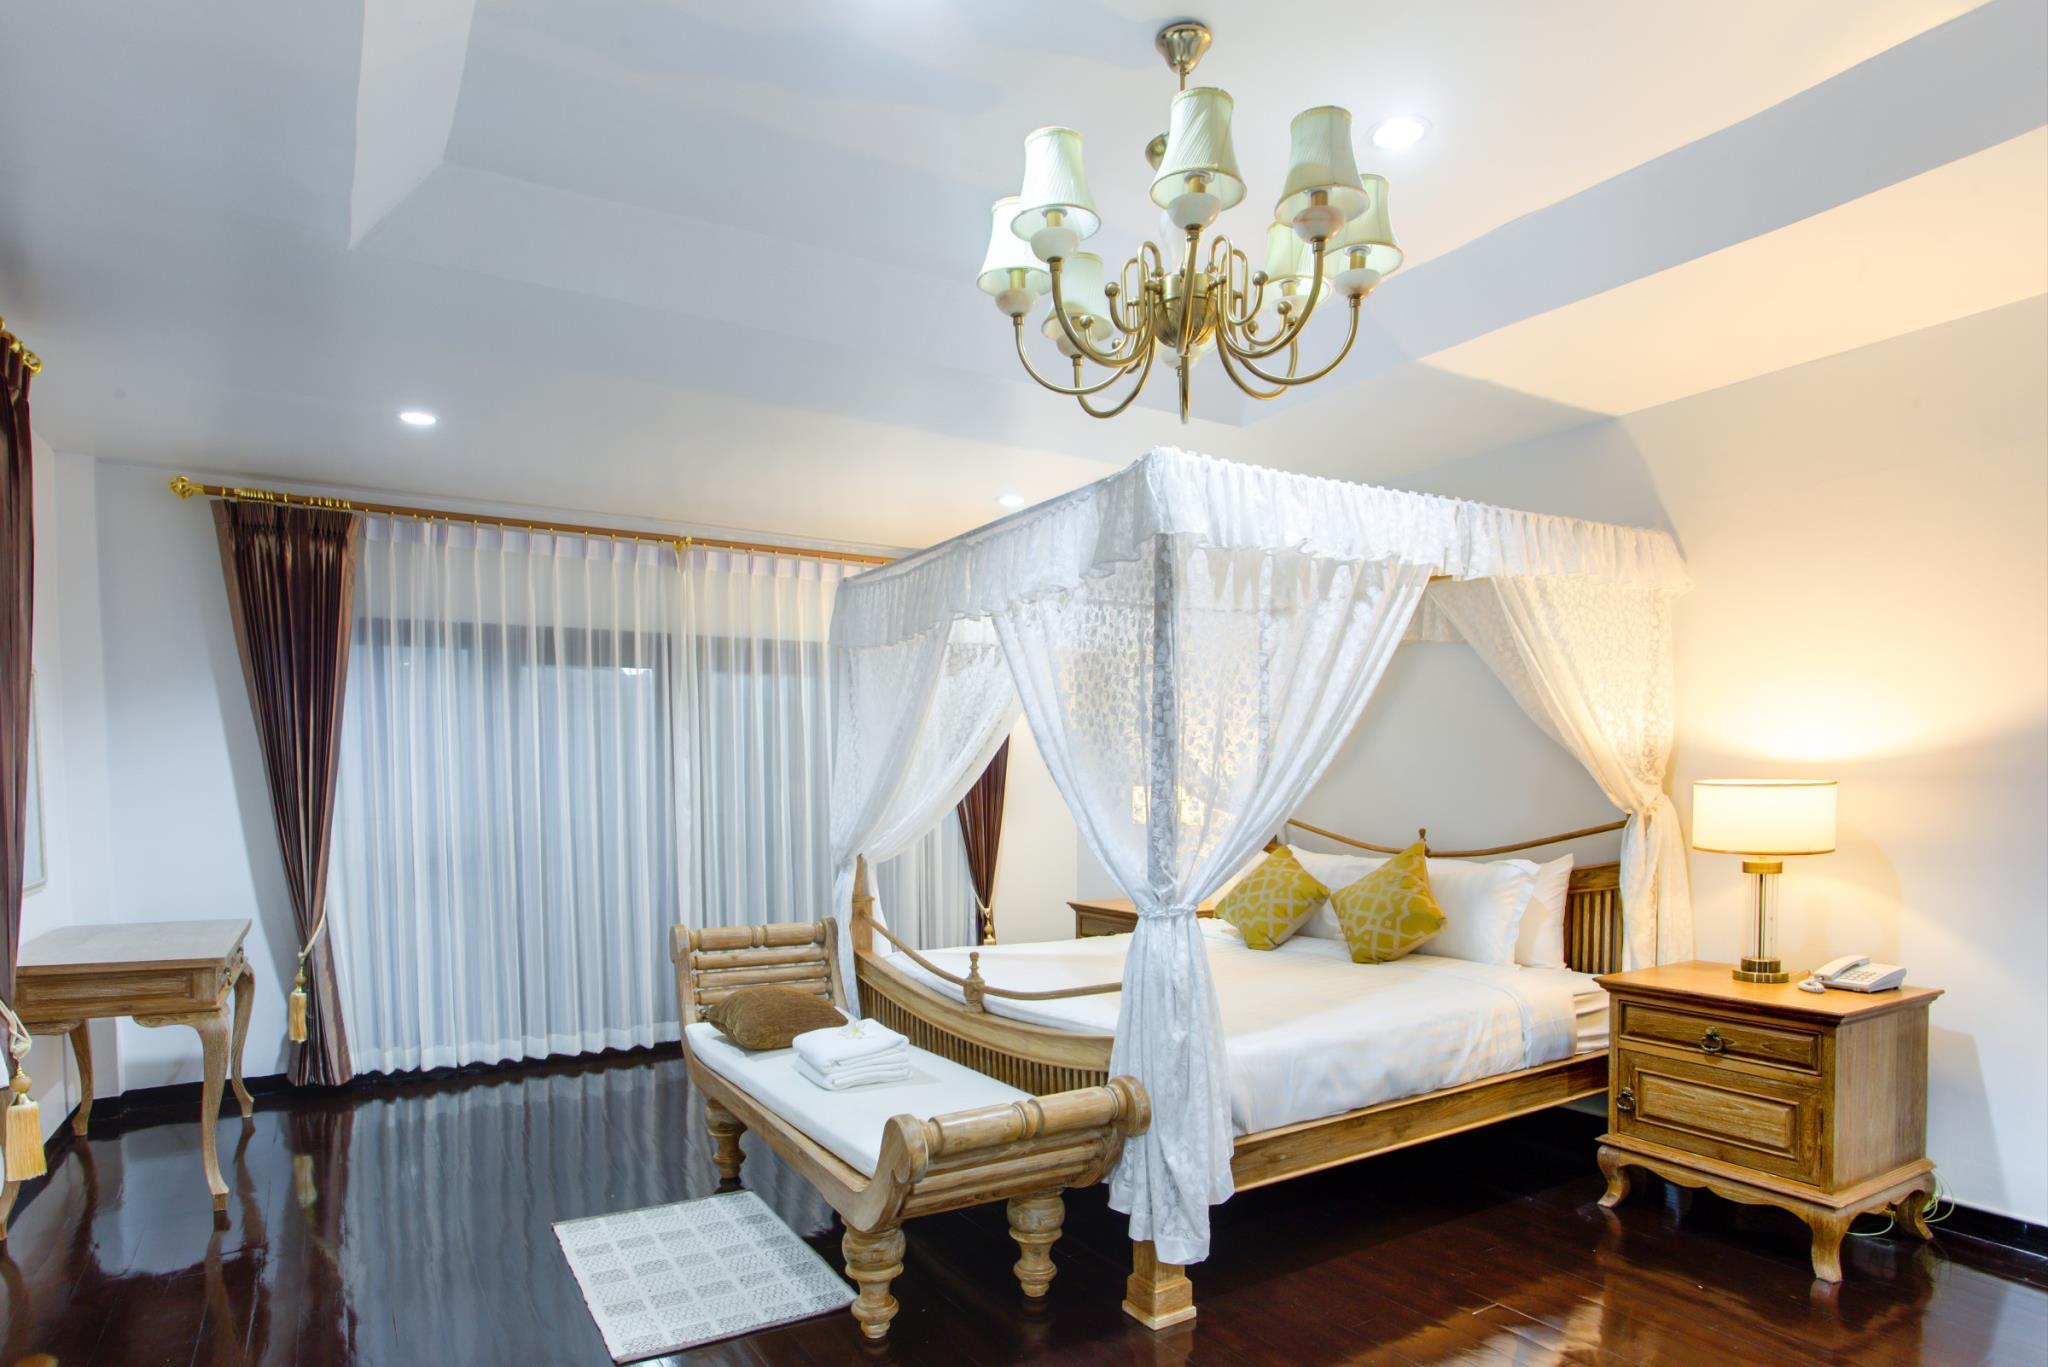 Wiang Dhara Villa, Saraphi